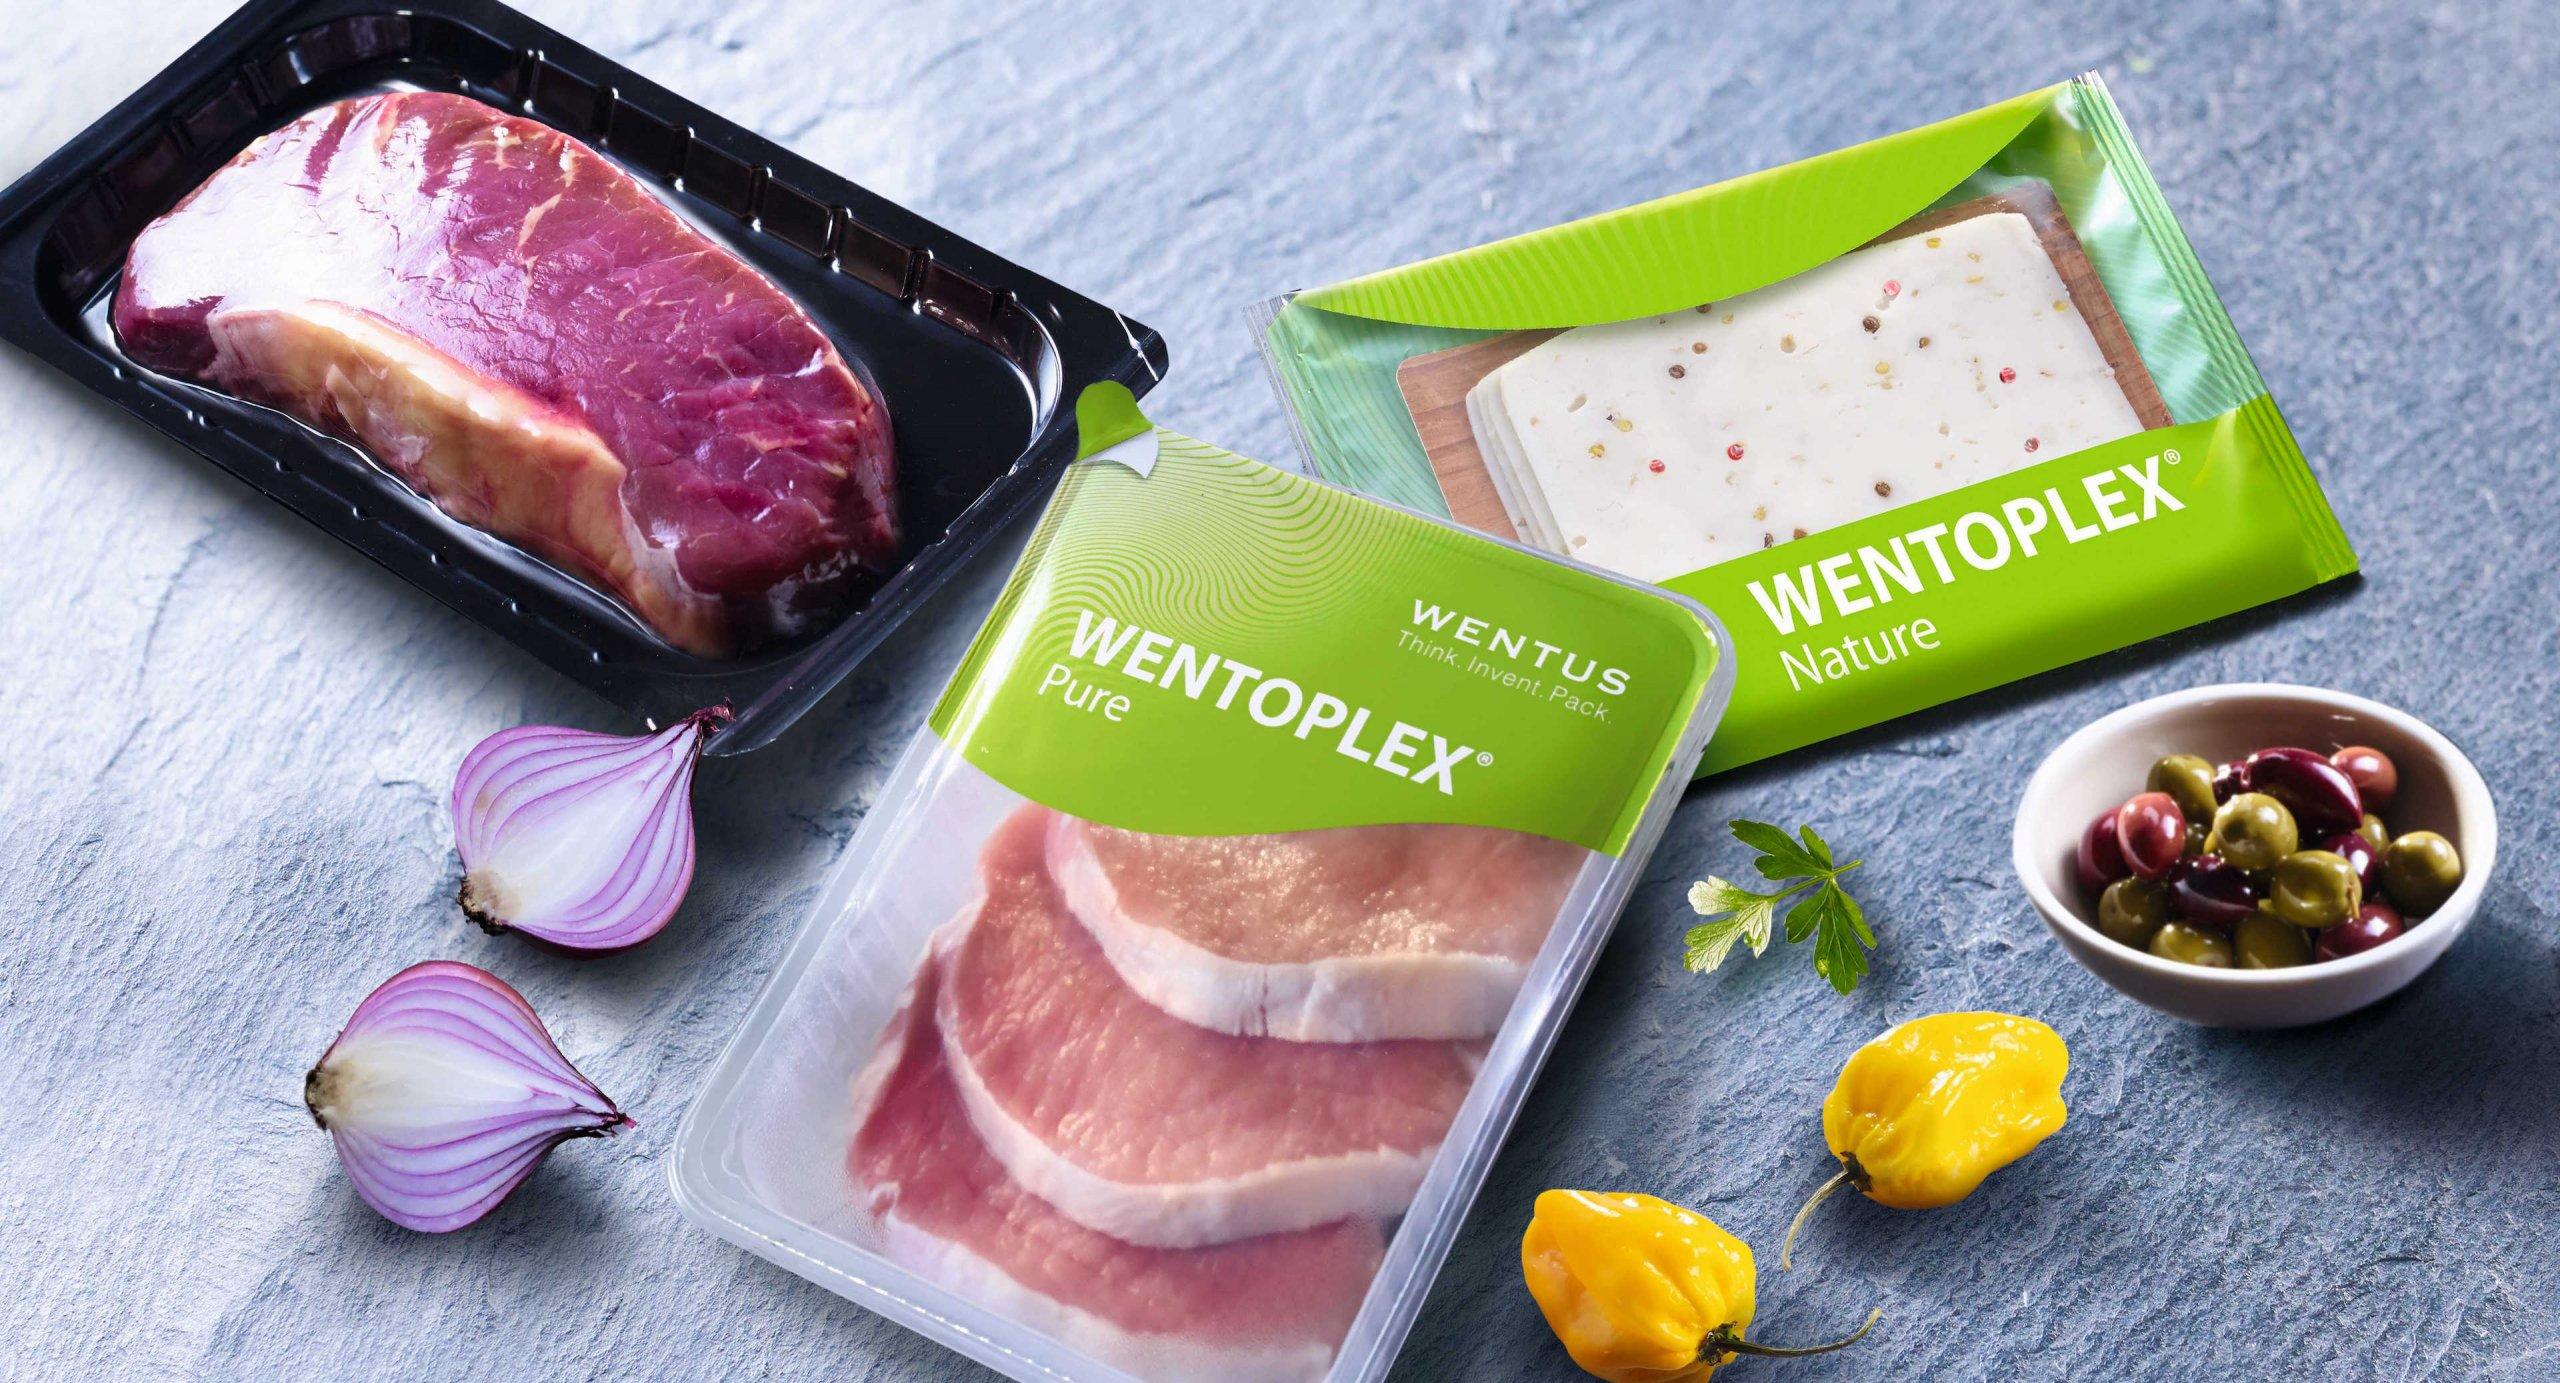 Wentus Flexible Packaging